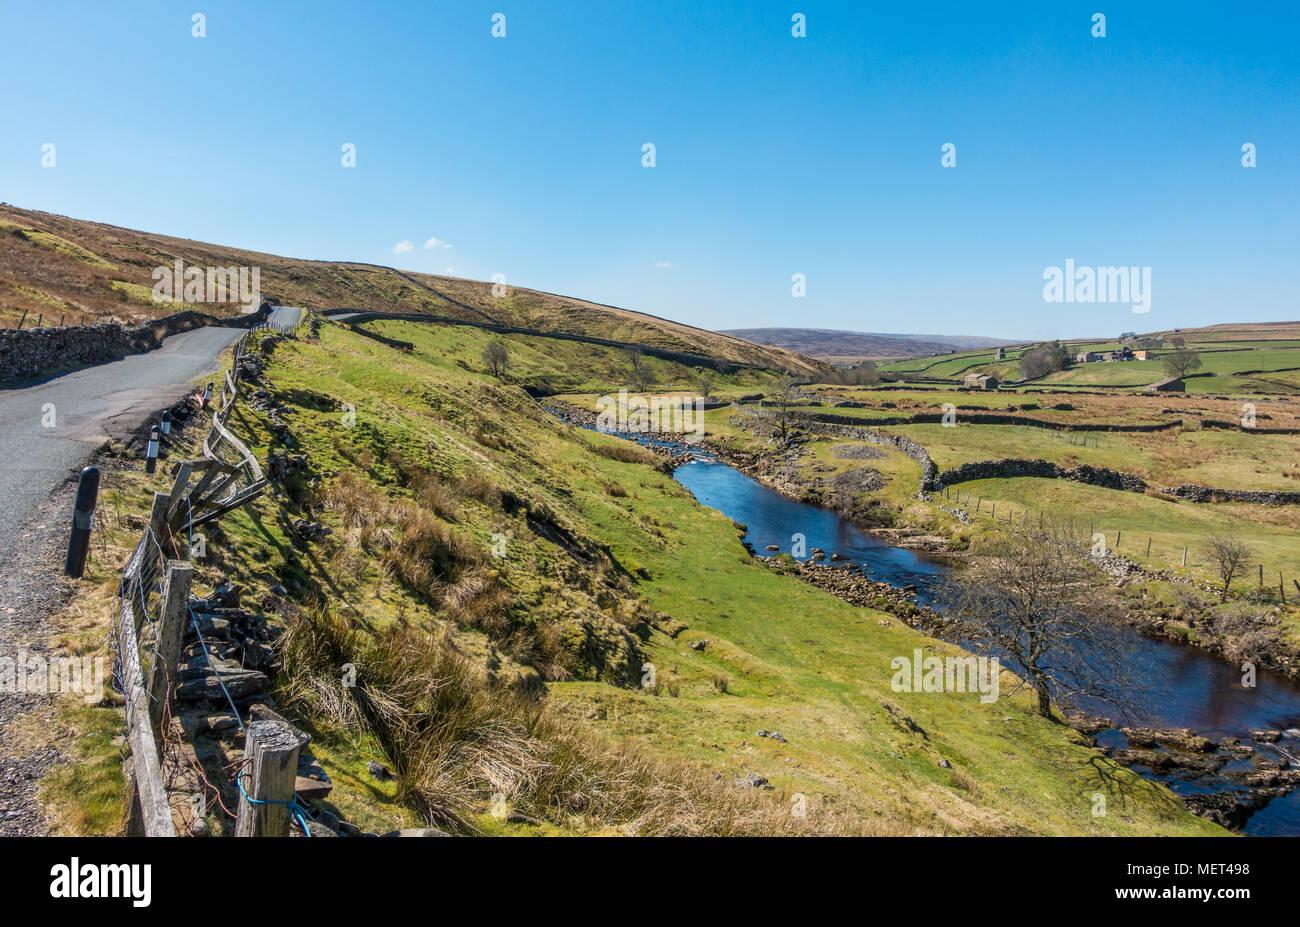 Une vue pittoresque de Swaledale et la rivière Swale et la route B6270 en temps superbe, Yorkshire Dales Banque D'Images